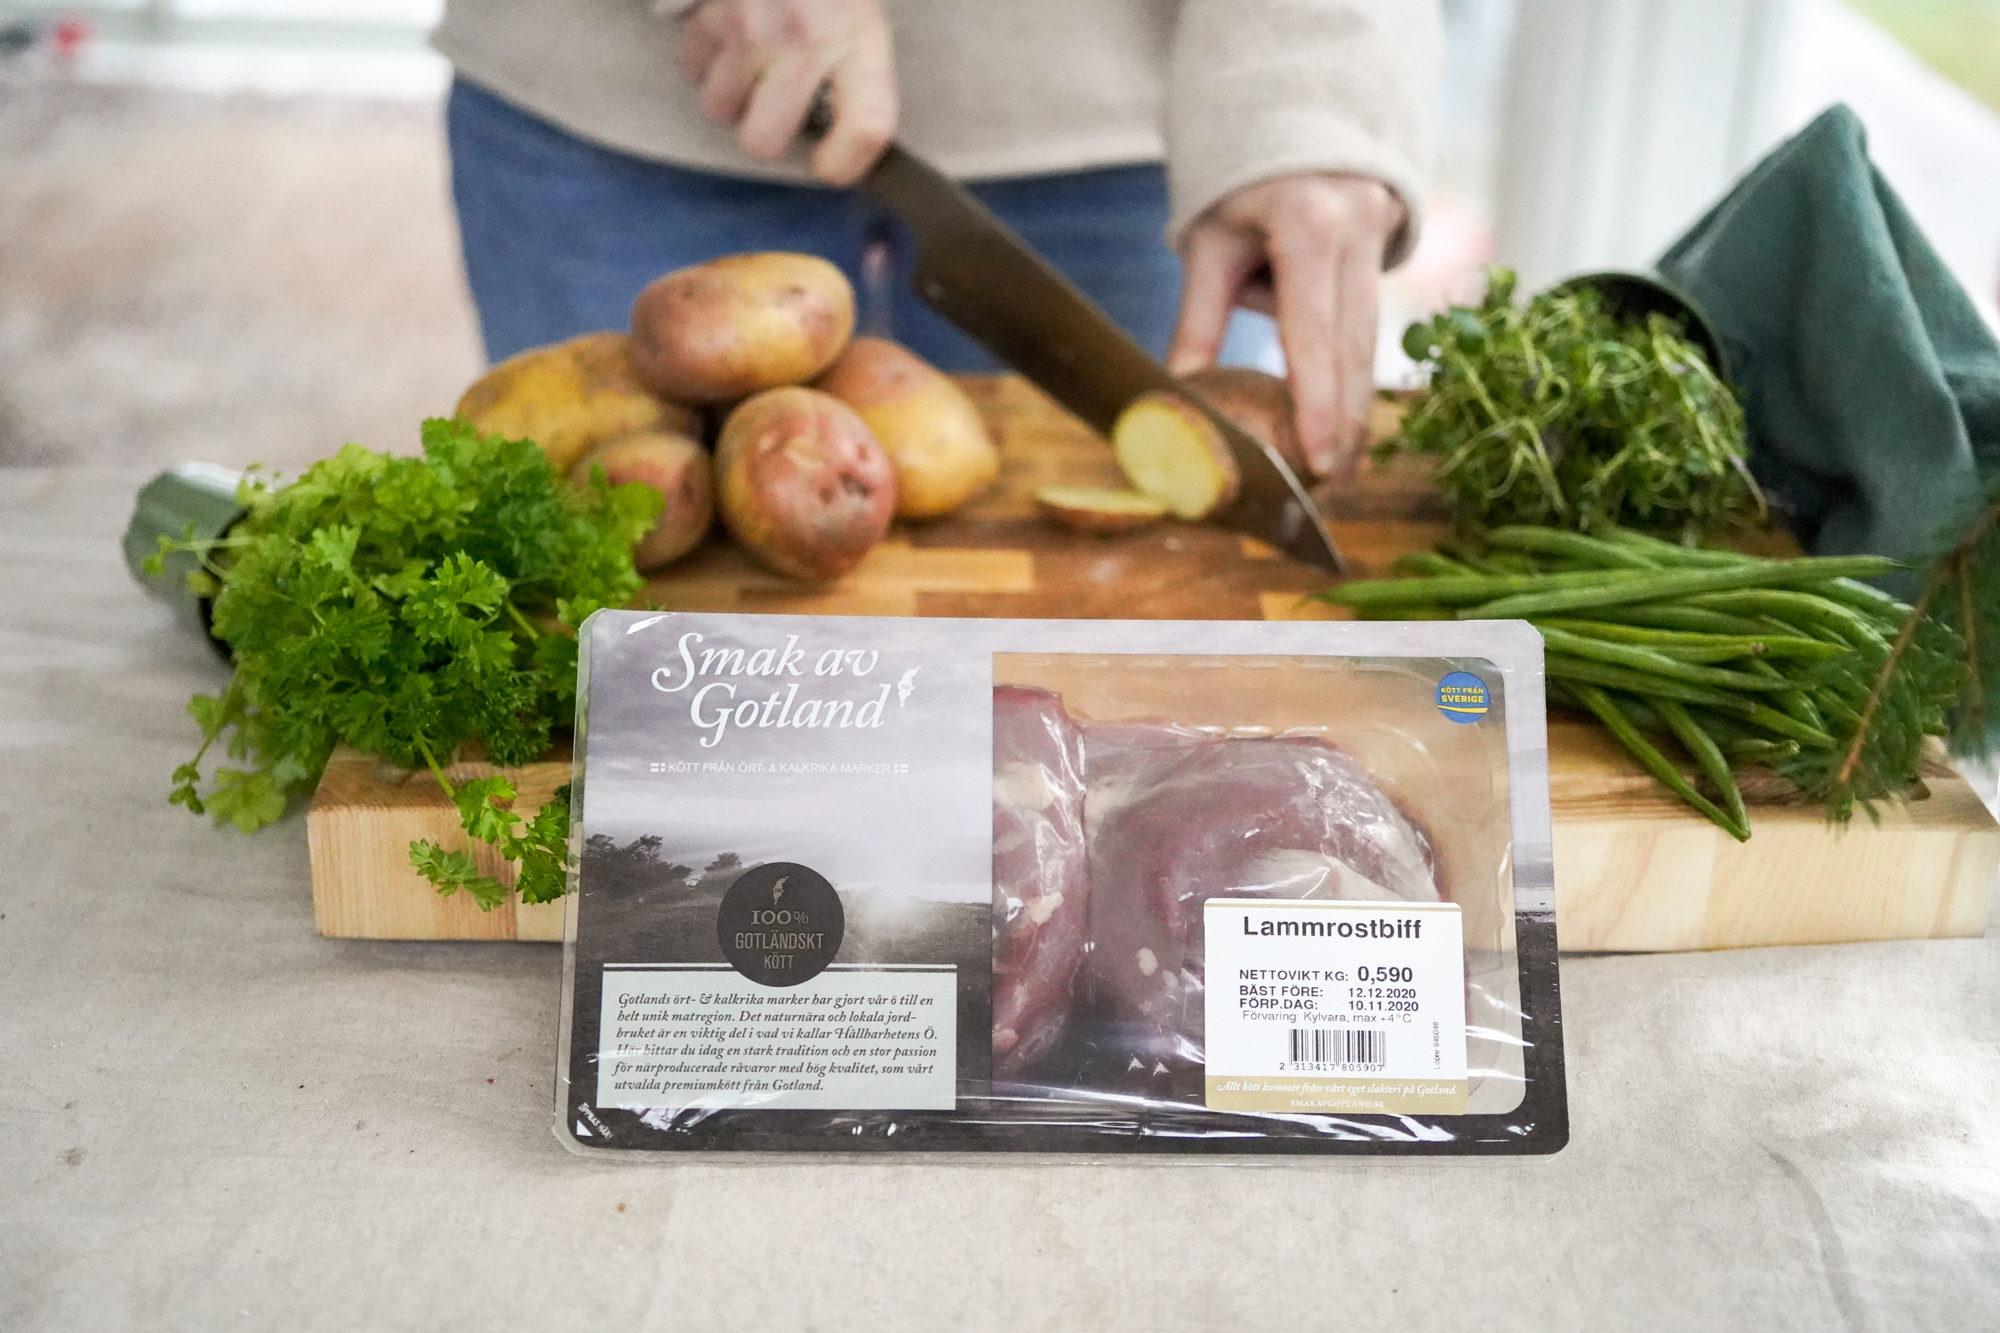 Förpackning med lammrostbiff samt person som skärm potatis och örter i bakgrunden